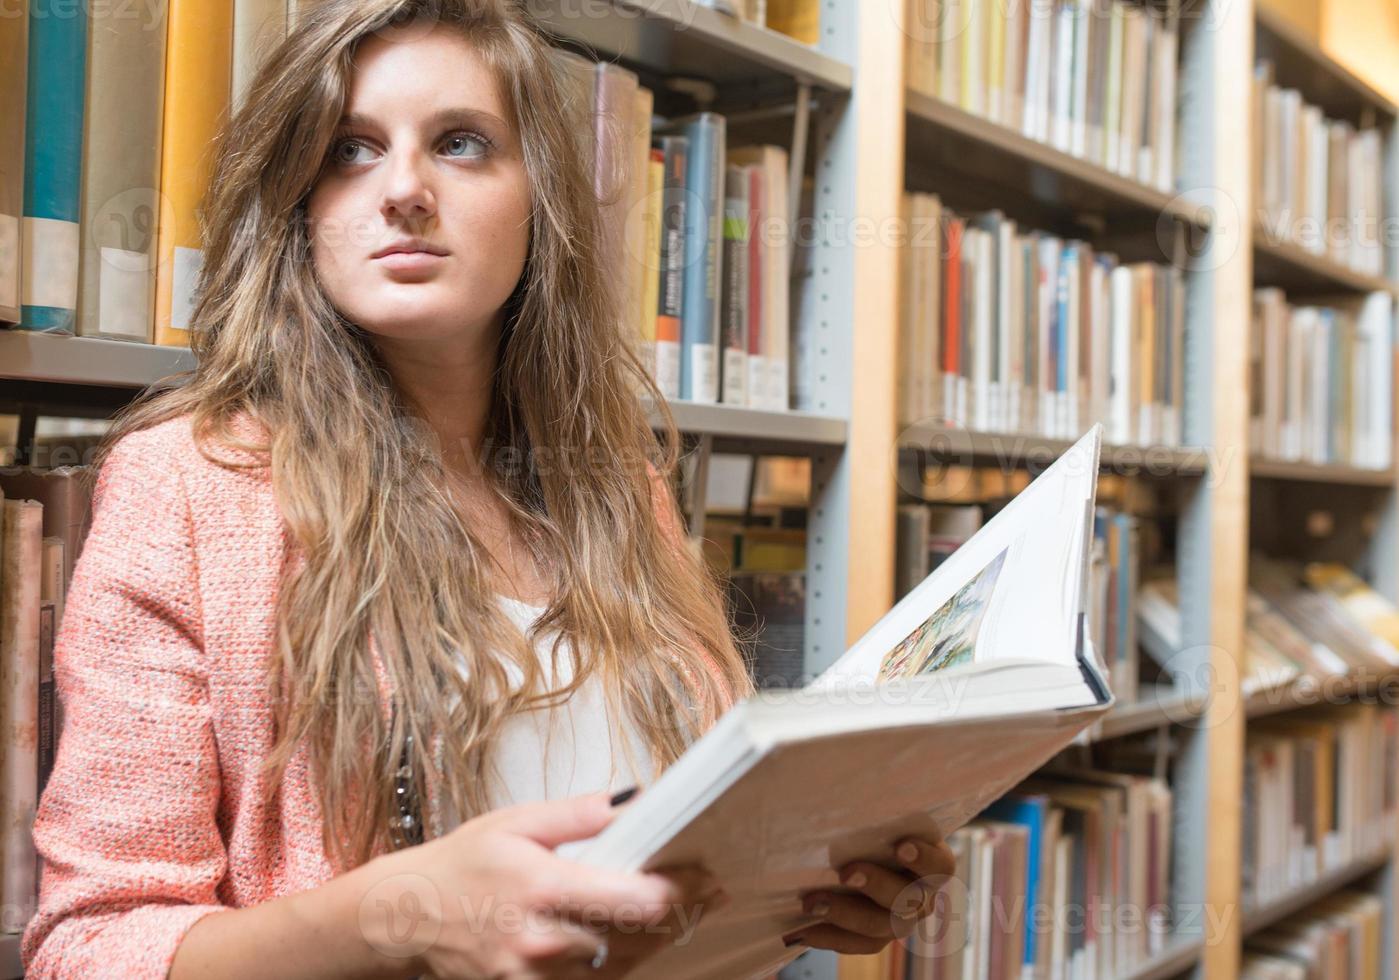 portrait d'une jolie fille à l'intérieur d'une bibliothèque photo